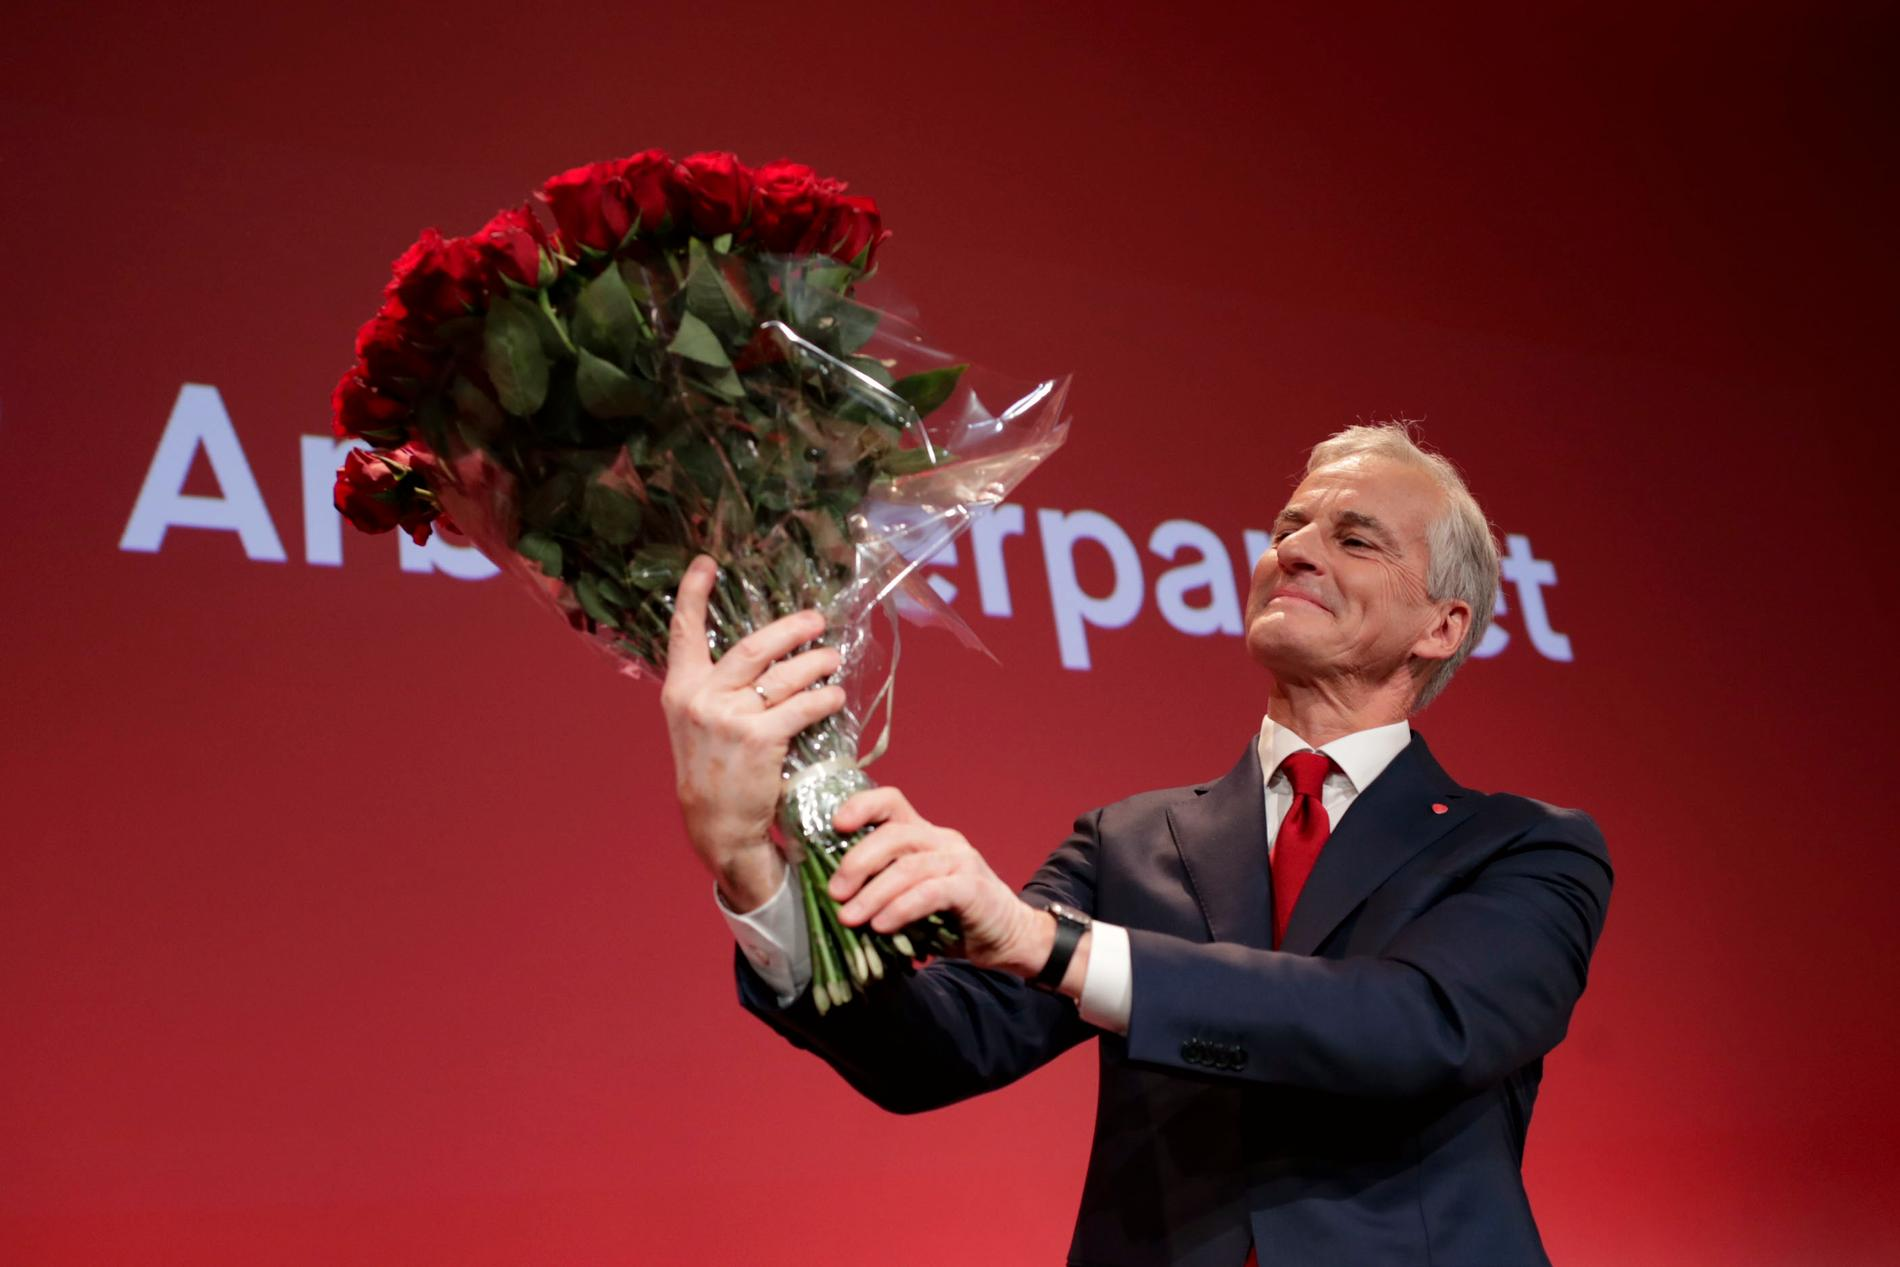 Støres Arbeiderpartiet får tillsammans med Senterpartiet och Sosialistisk Venstre 89 av Stortingets 169 mandat.